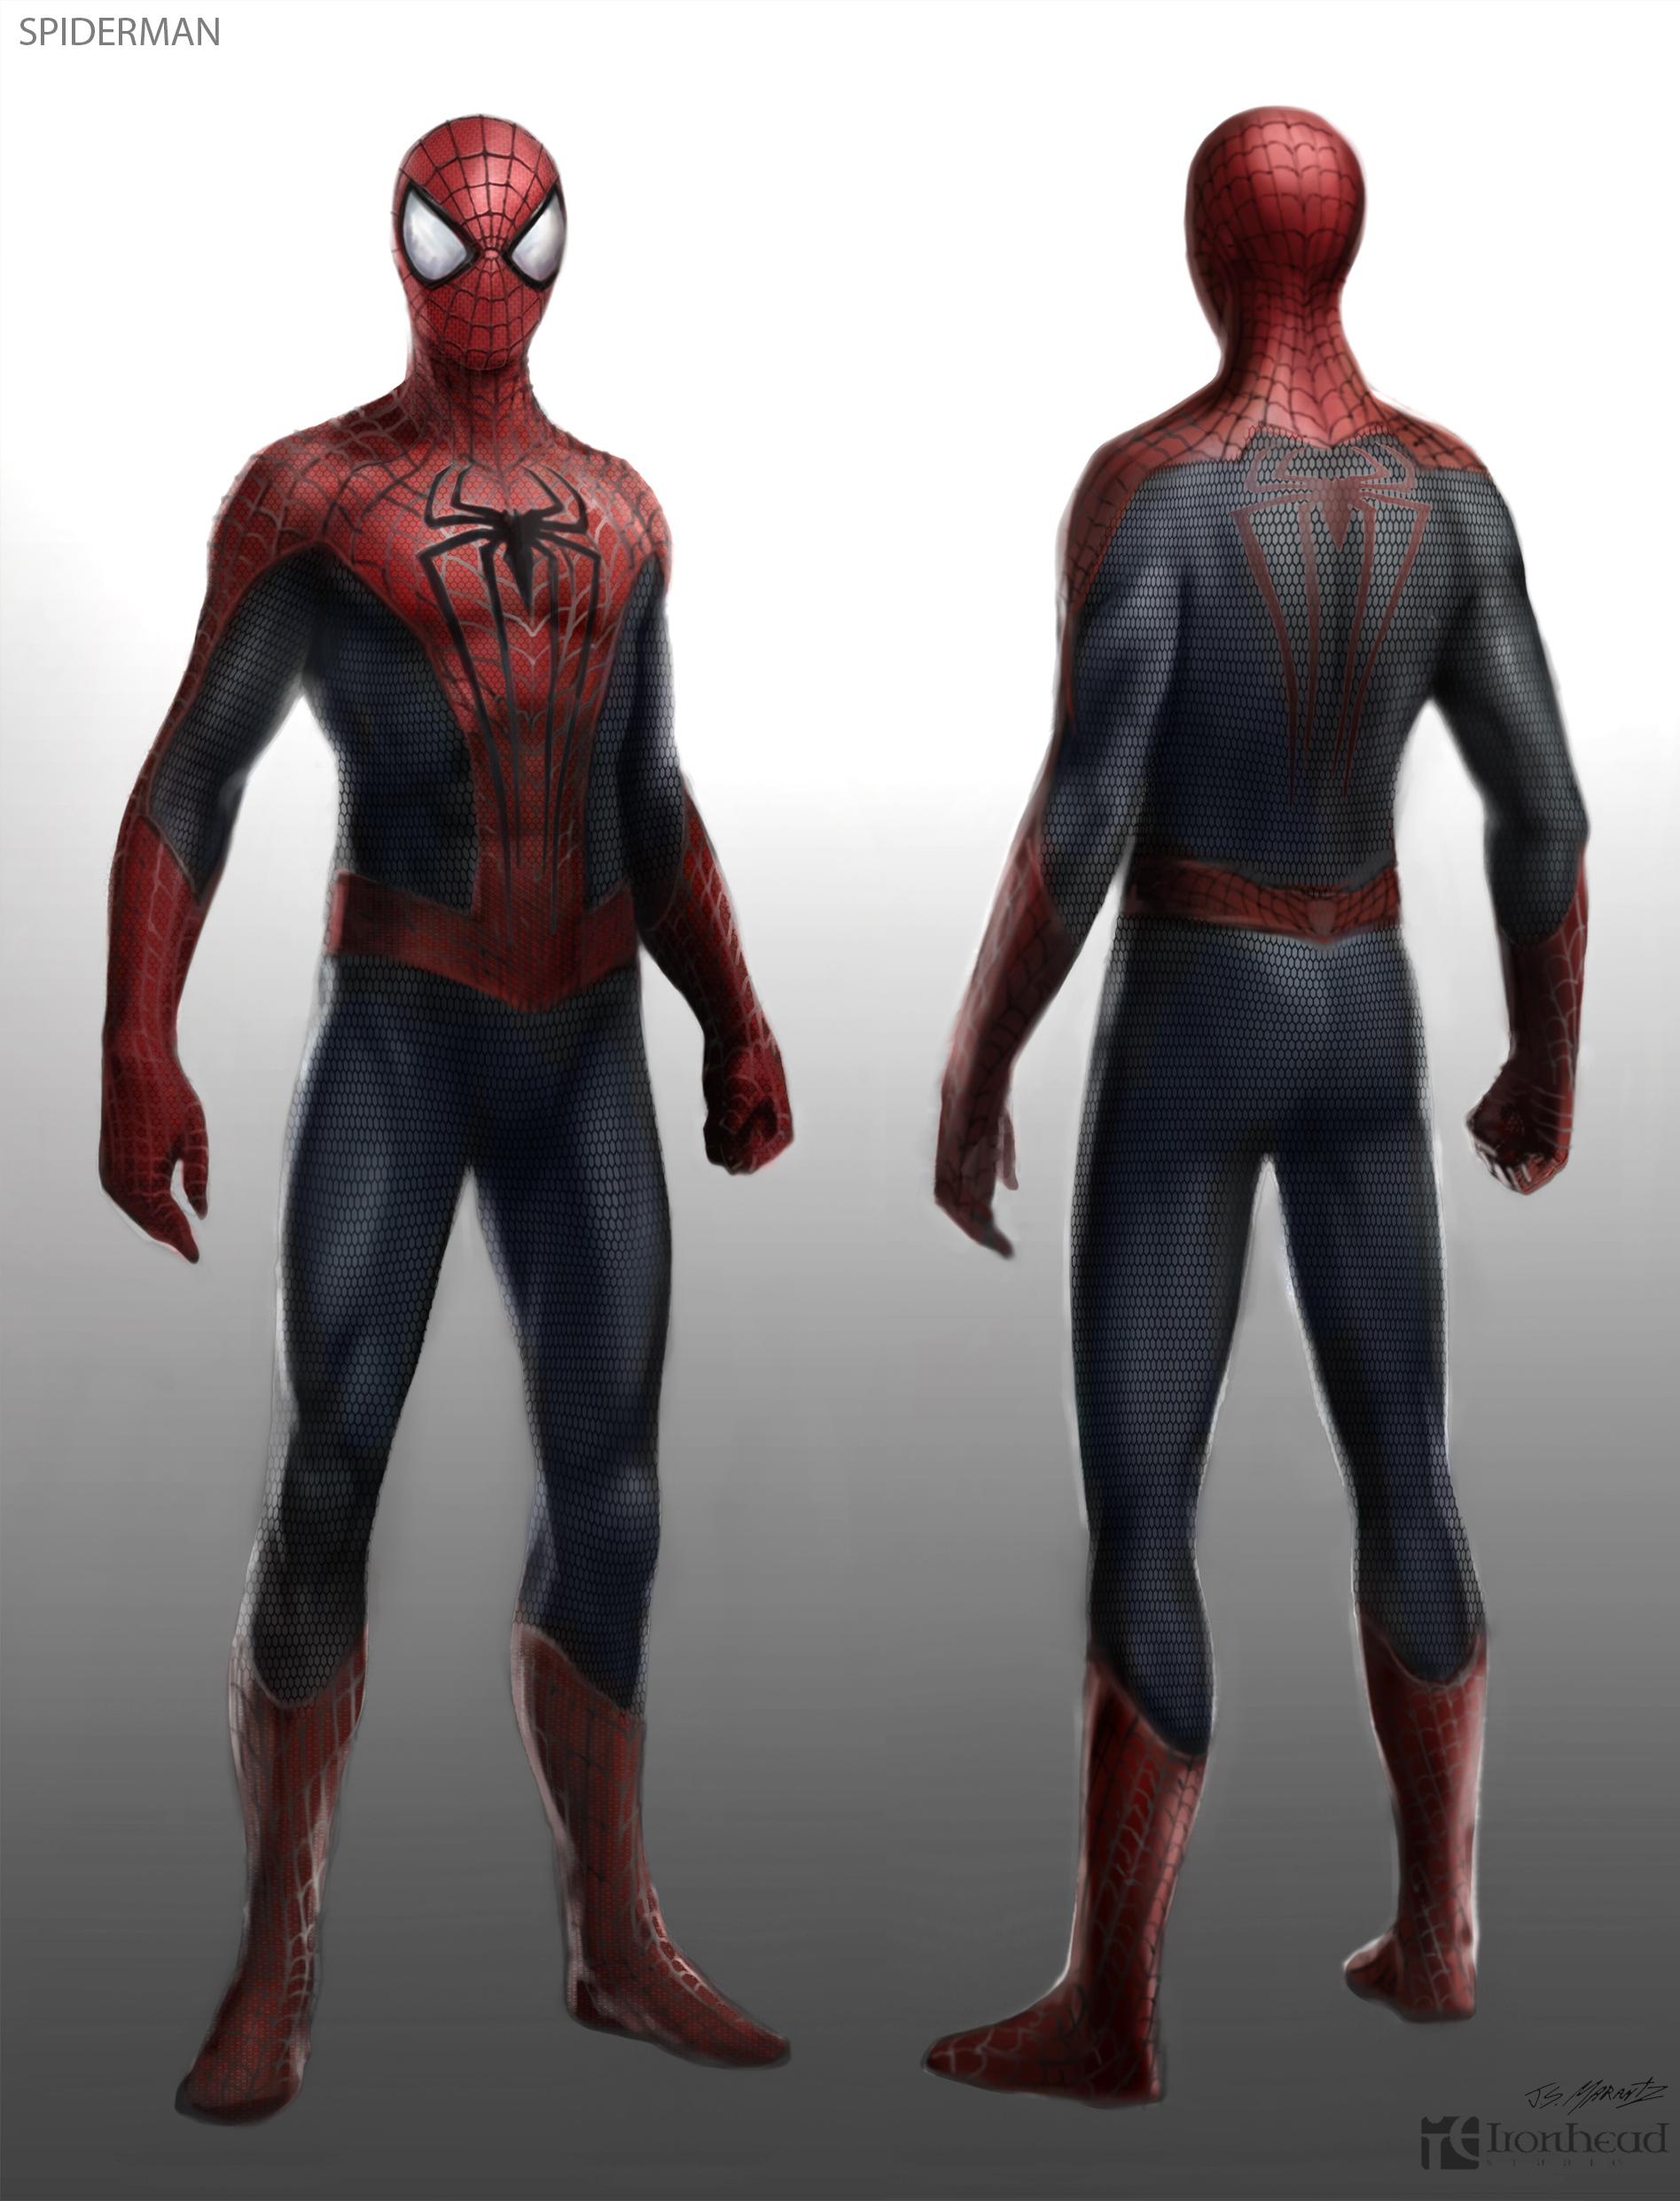 человек-паук во весь рост. рисунок